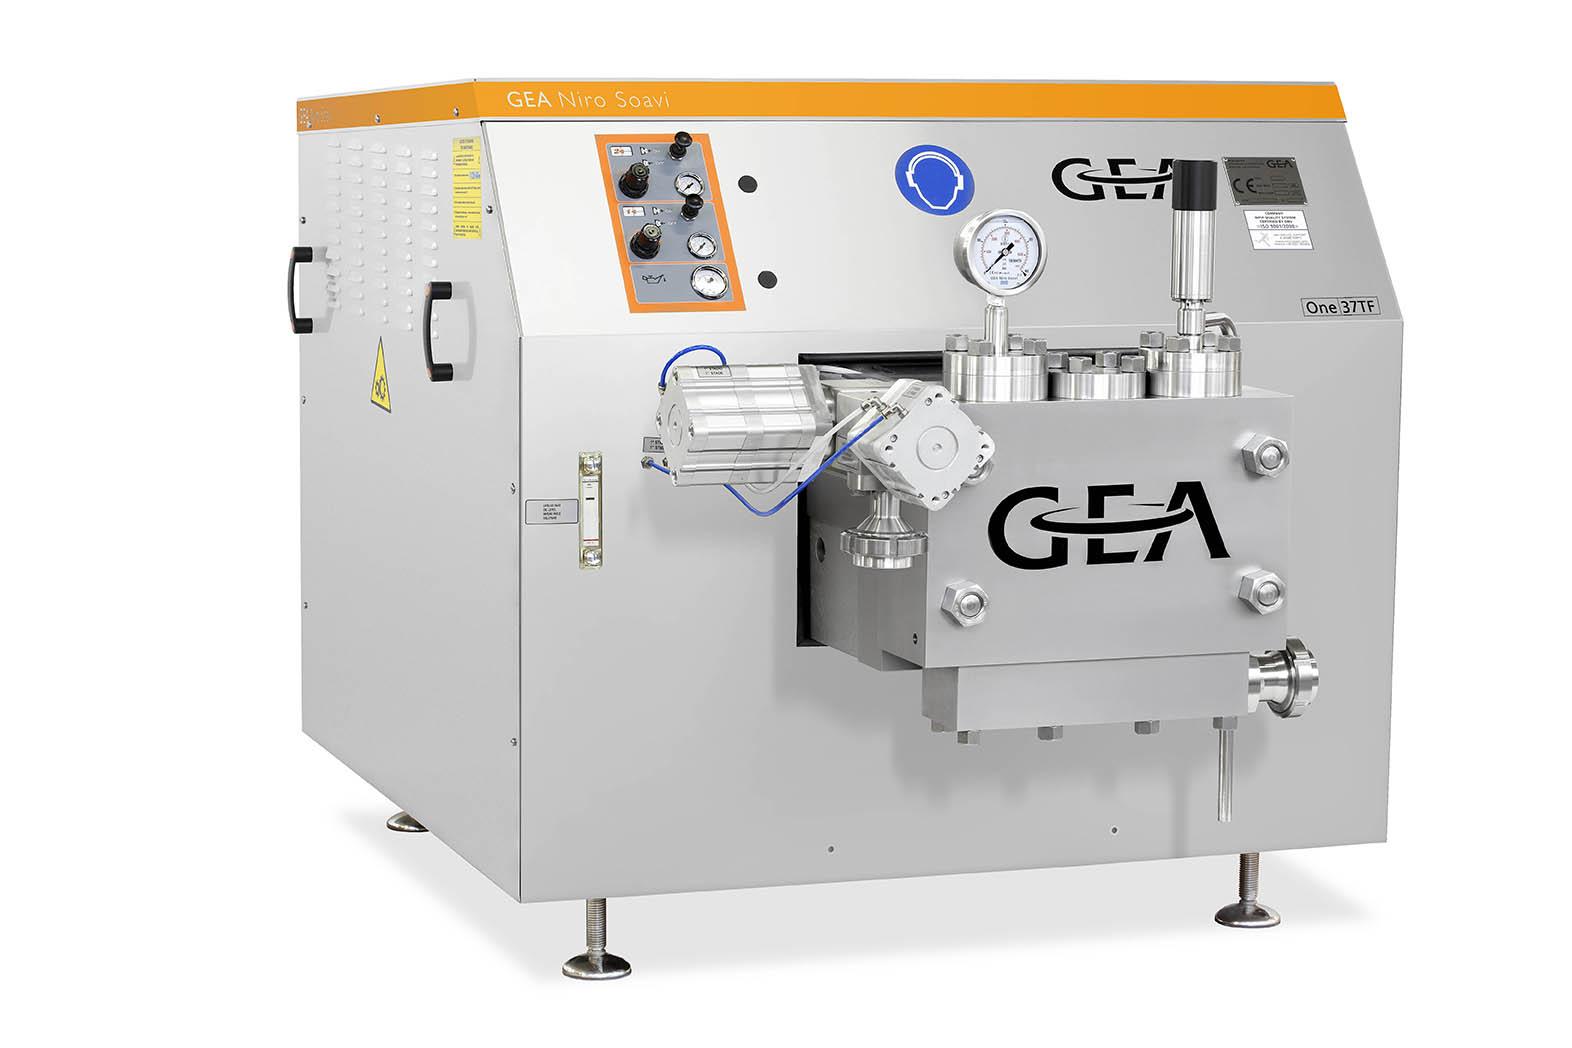 هموژنایزر - هموژنایزر GEA - دستگاه هموژنایزر - شرکت GEA - GEA Niro Soavi - شرکت گ.آ - homogenizer - GEA homogenizer - One37TF